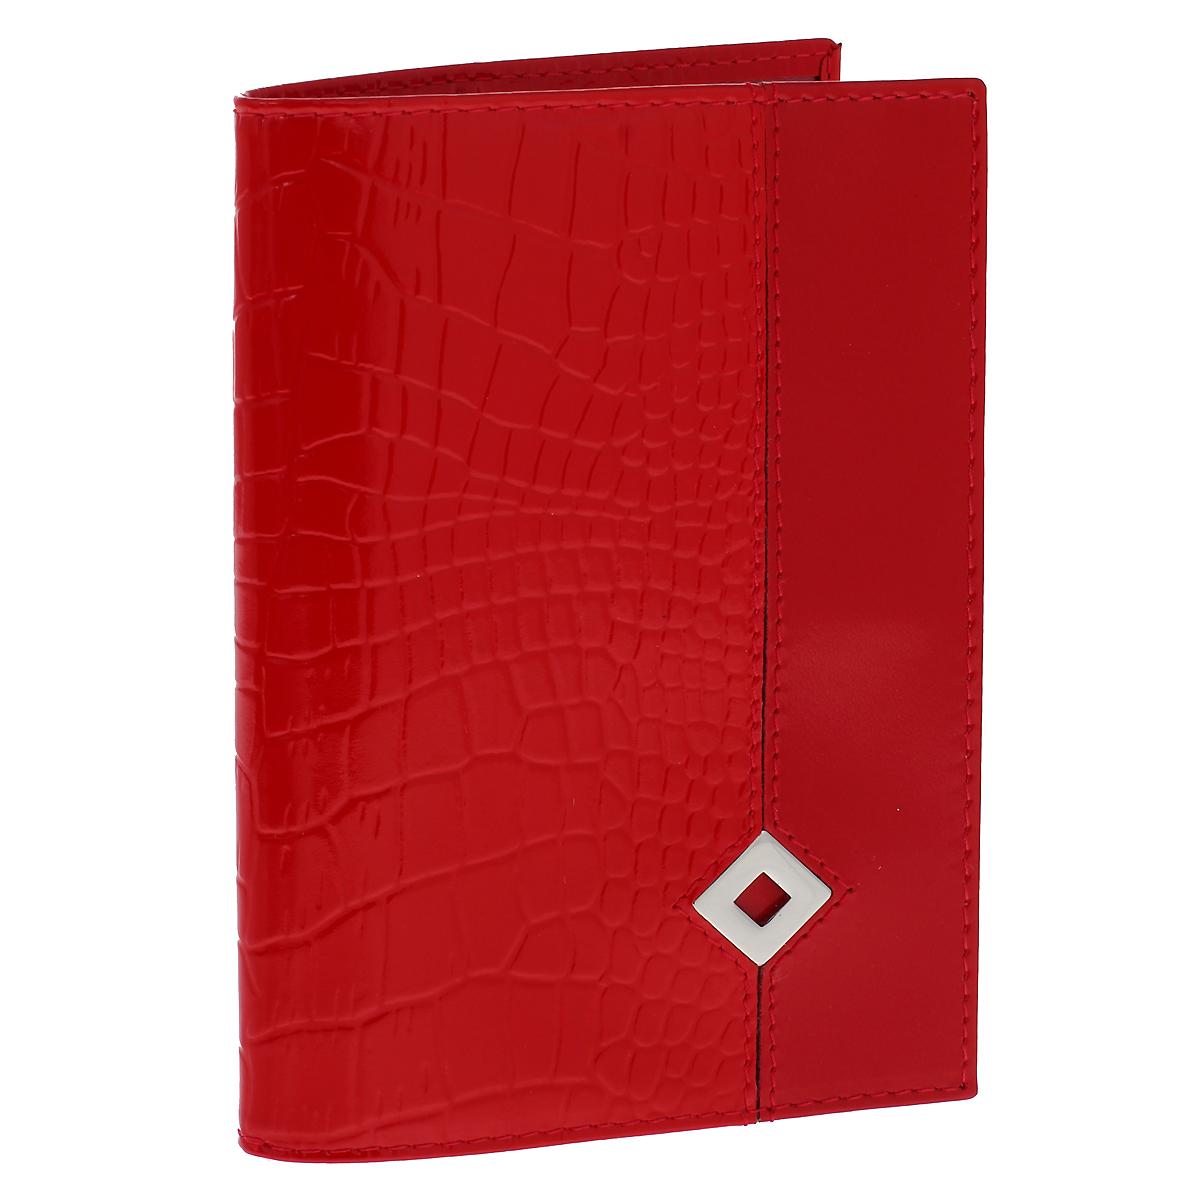 Обложка для паспорта Dimanche Papillon Rouge, цвет: красный. 330330Обложка для паспорта Dimanche Papillon Rouge изготовлена из натуральной кожи красного цвета с декоративным тиснением под рептилию. Обложка украшена металлическим значком в виде ромба. Внутри обложка отделана атласным текстилем красного цвета с рисунком. На внутреннем развороте содержится два кармана из прозрачного пластика. Стильная обложка не только защитит ваши документы, но и станет стильным аксессуаром, подчеркивающим ваш образ. Изделие упаковано в фирменную коробку коричневого цвета с логотипом фирмы Dimanche. Характеристики:Материал: натуральная кожа, текстиль, пластик. Цвет: красный. Размер обложки: 9,5 см х 13,8 см.